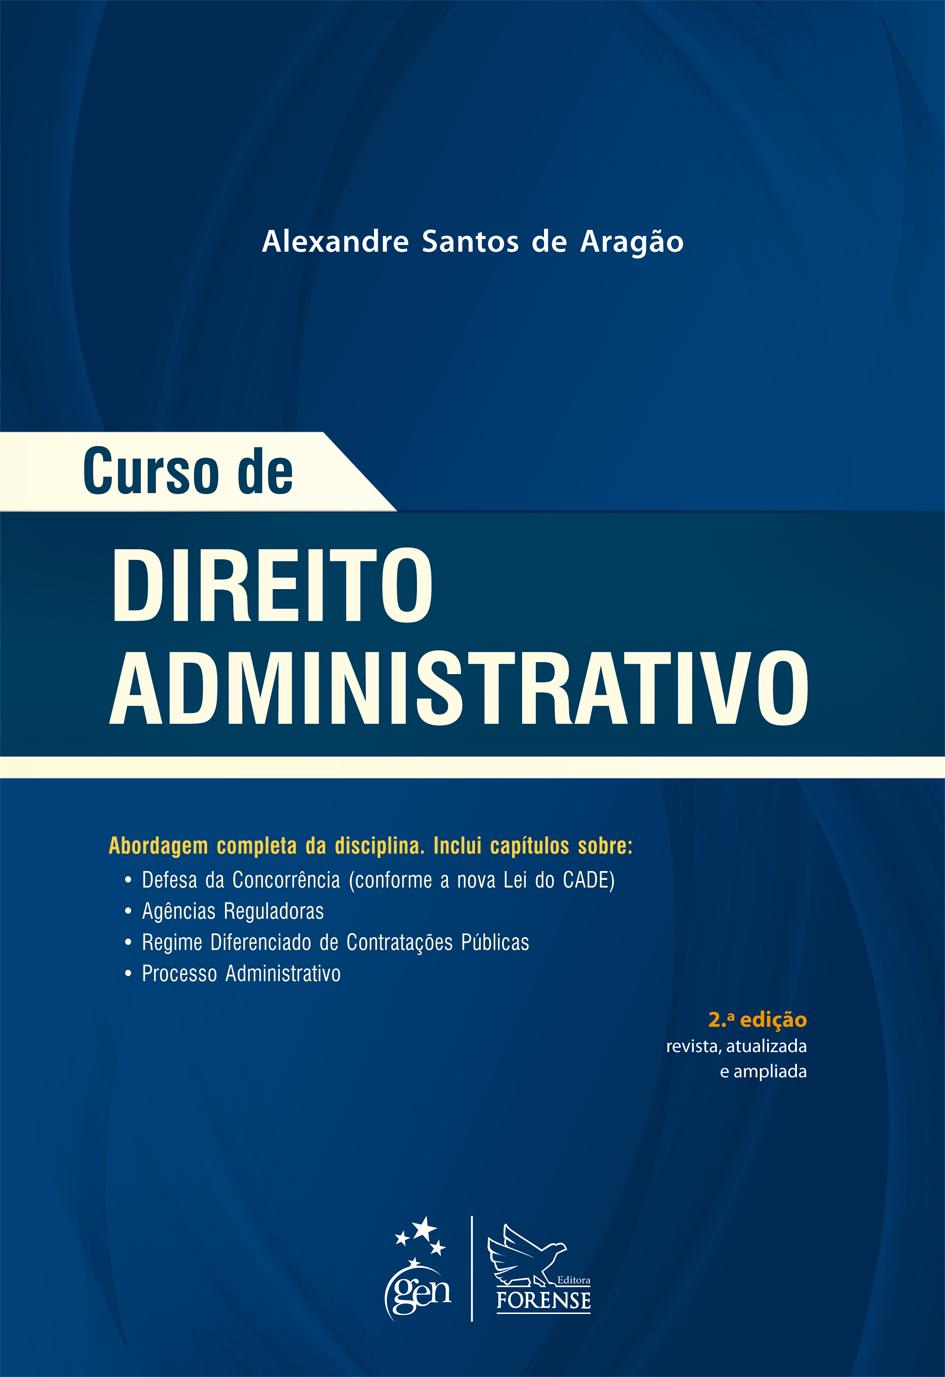 curso_de_direito_admin_Alexandre.indd